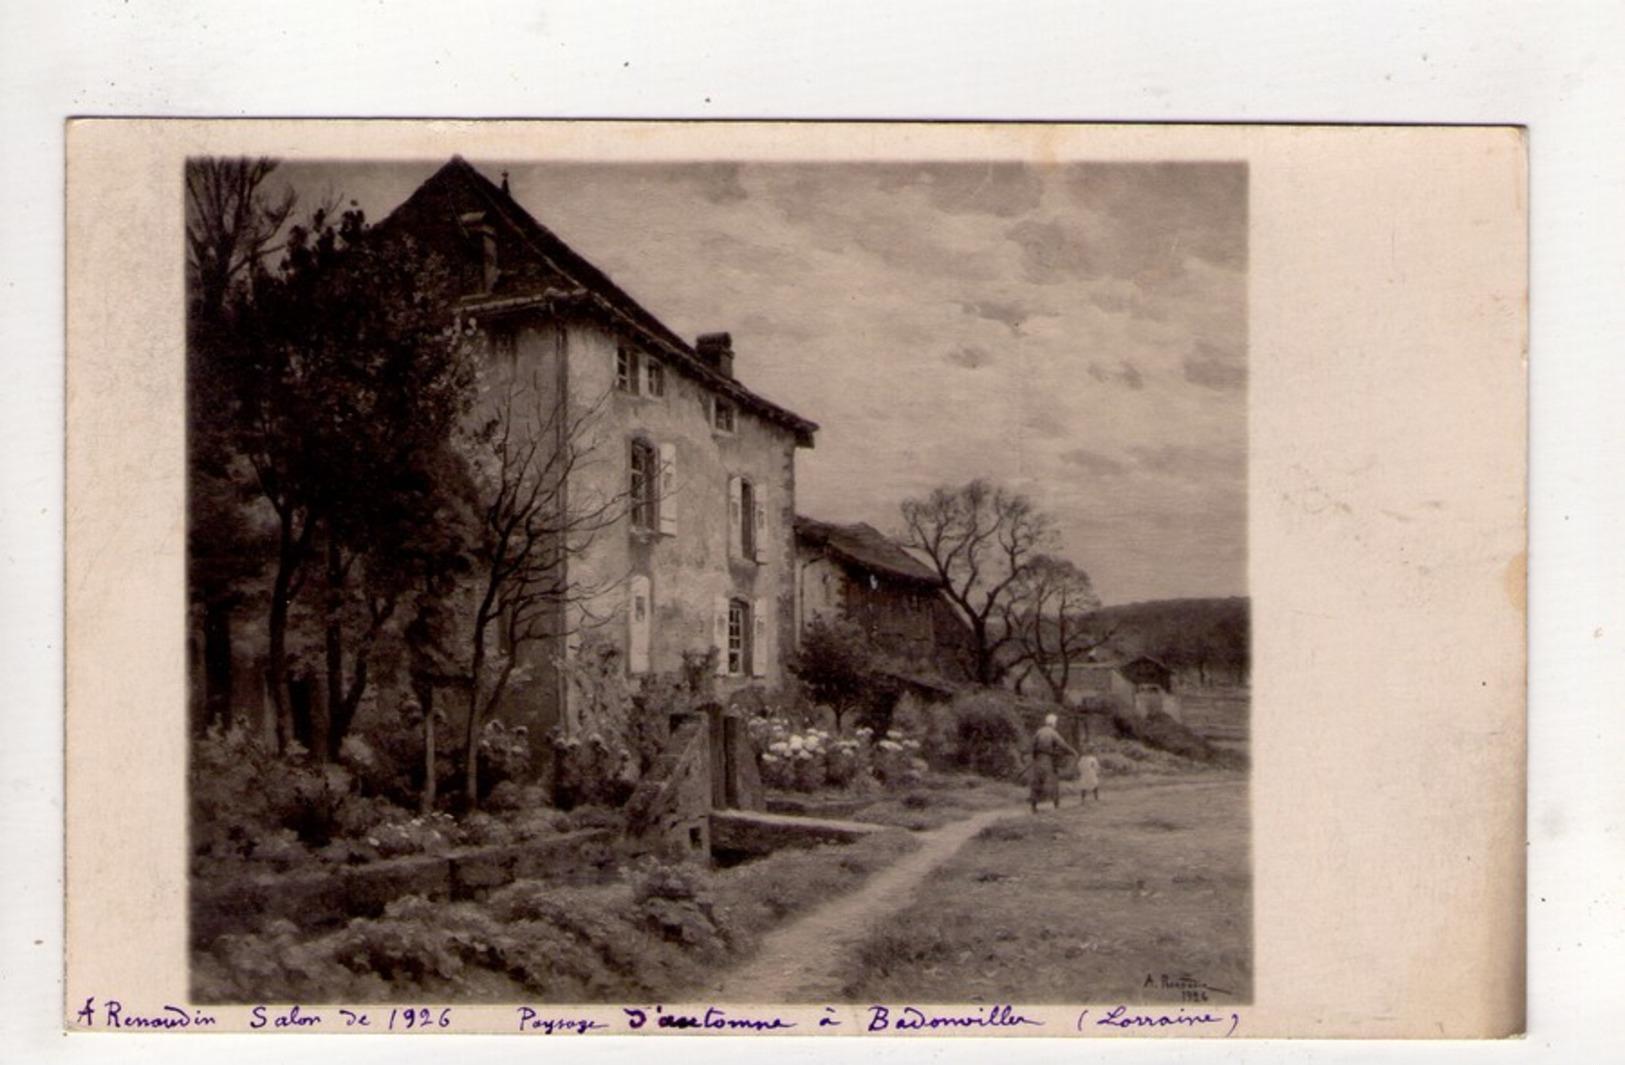 CPA-NB1879-RENAUDIN SALON DE 1926 PAYSAGE D AUTOMNE A BADONVILLER - Peintures & Tableaux